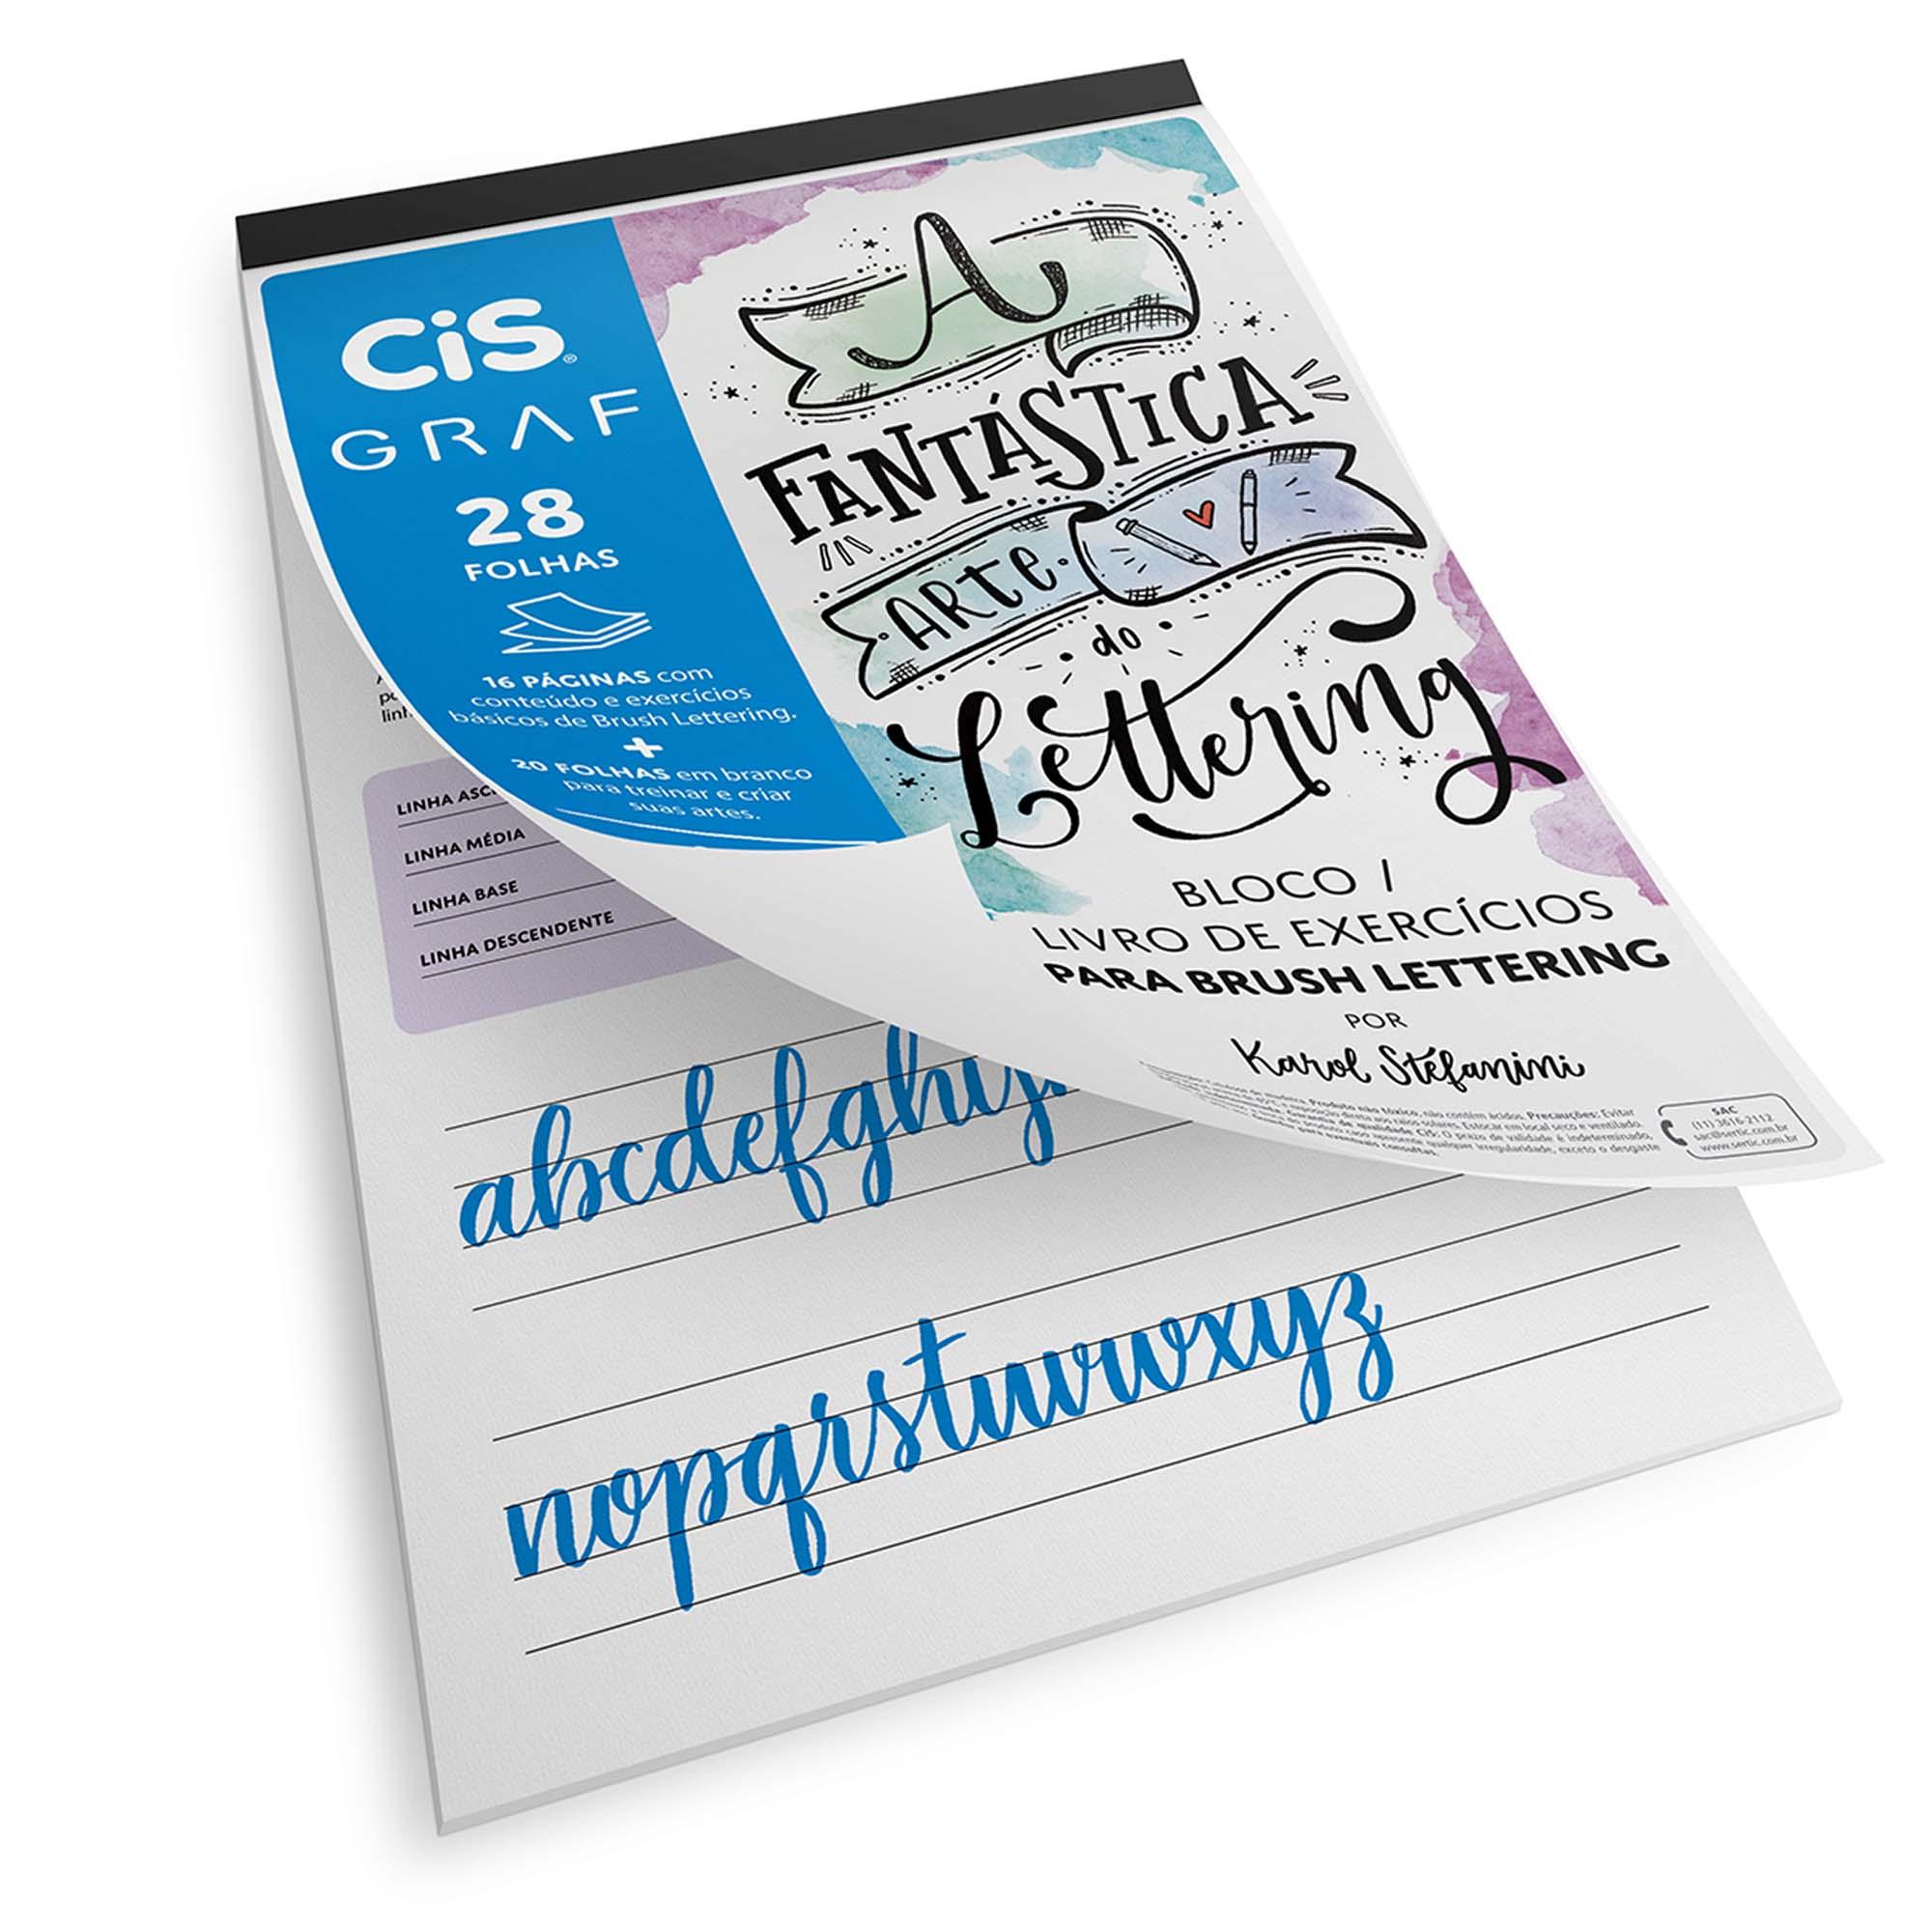 Bloco de Lettering, Com Livro de Exercícios, CiS Graf, Com 28 Folhas